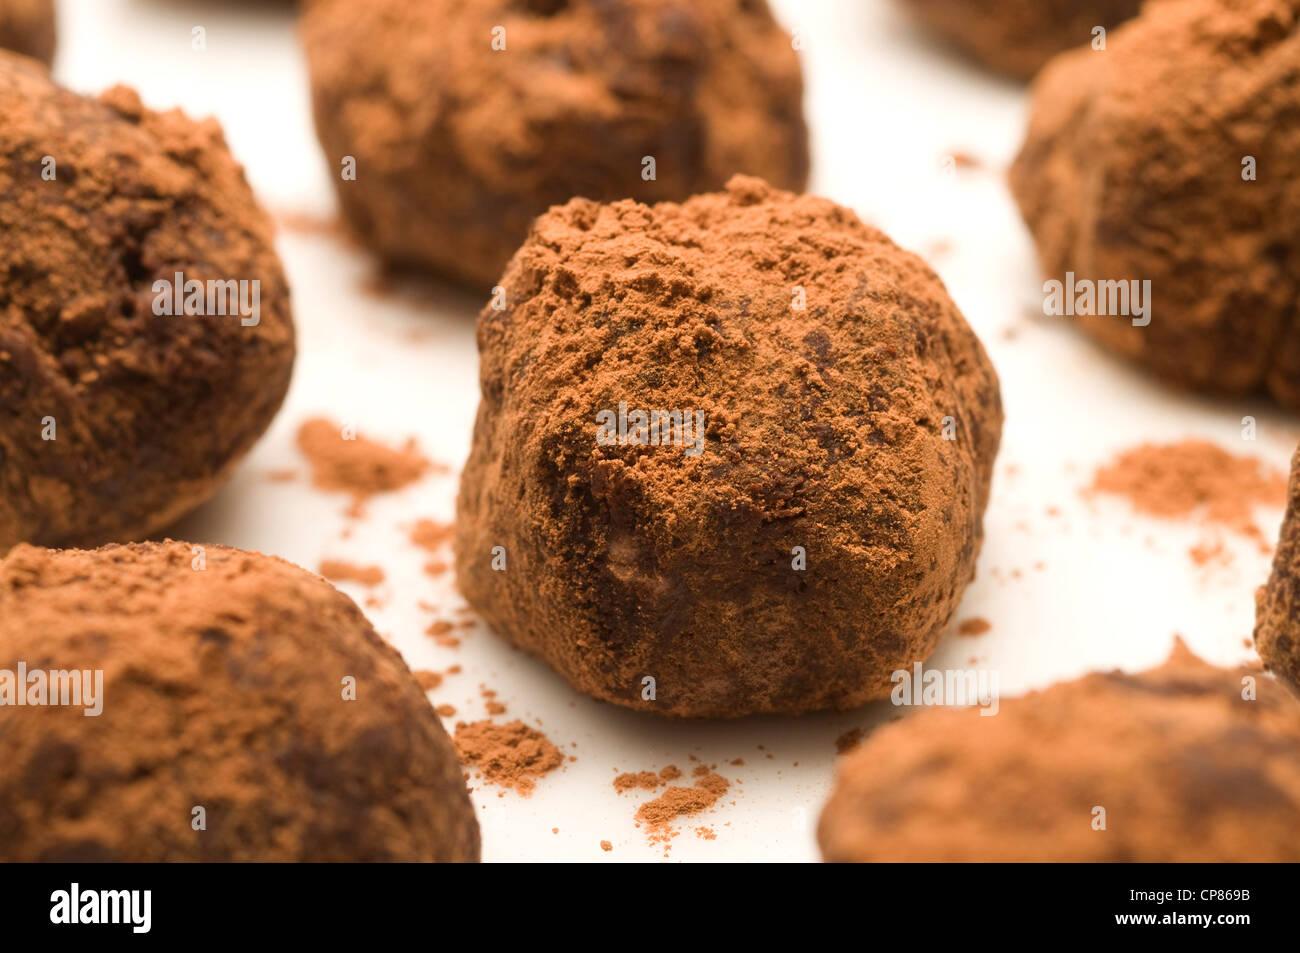 Trufas de chocolate artesanal en cacao en polvo Imagen De Stock